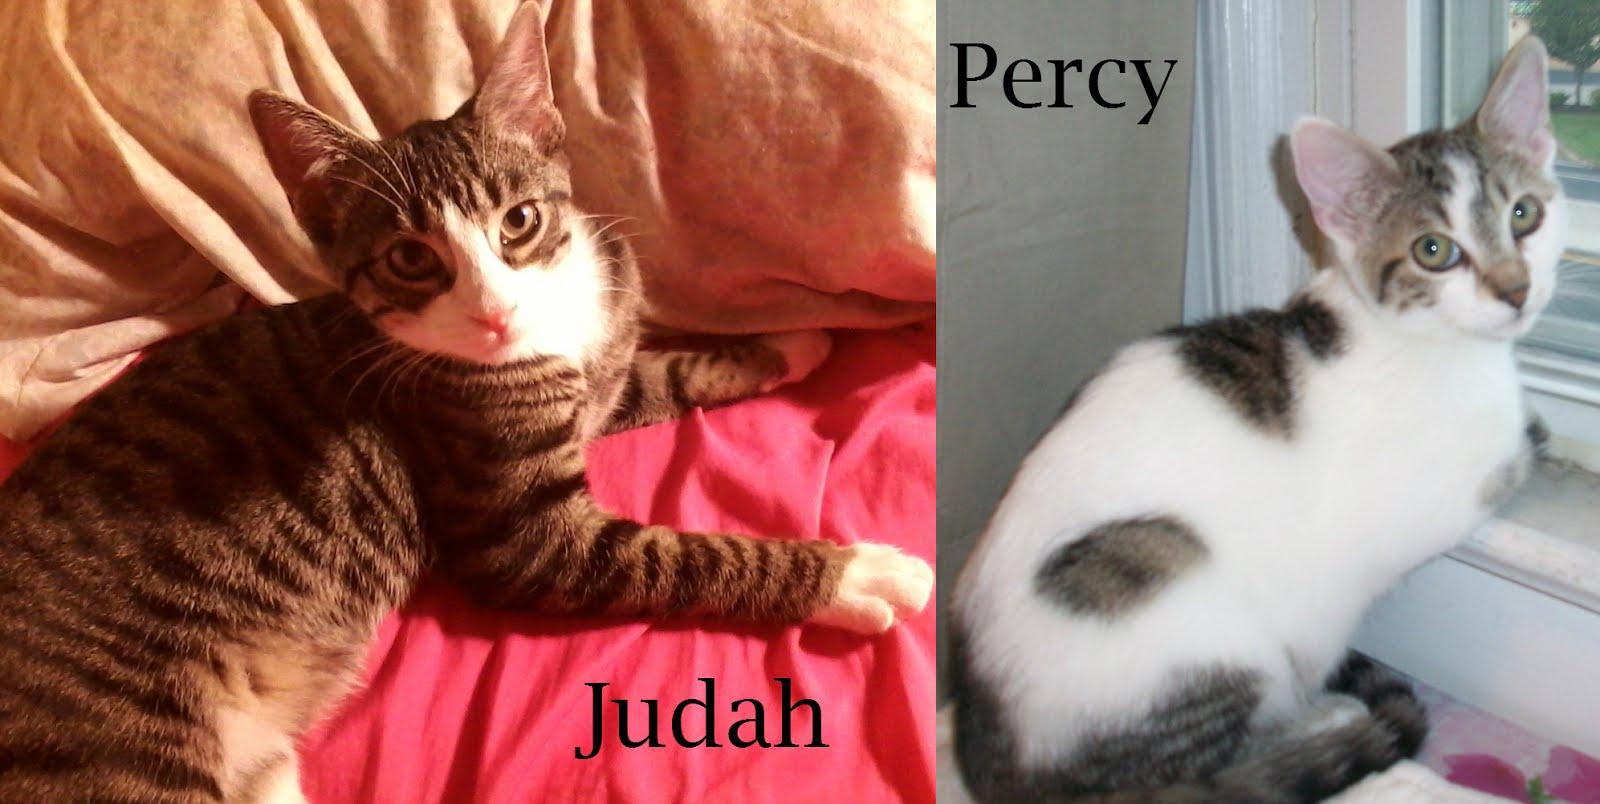 Judah Percy